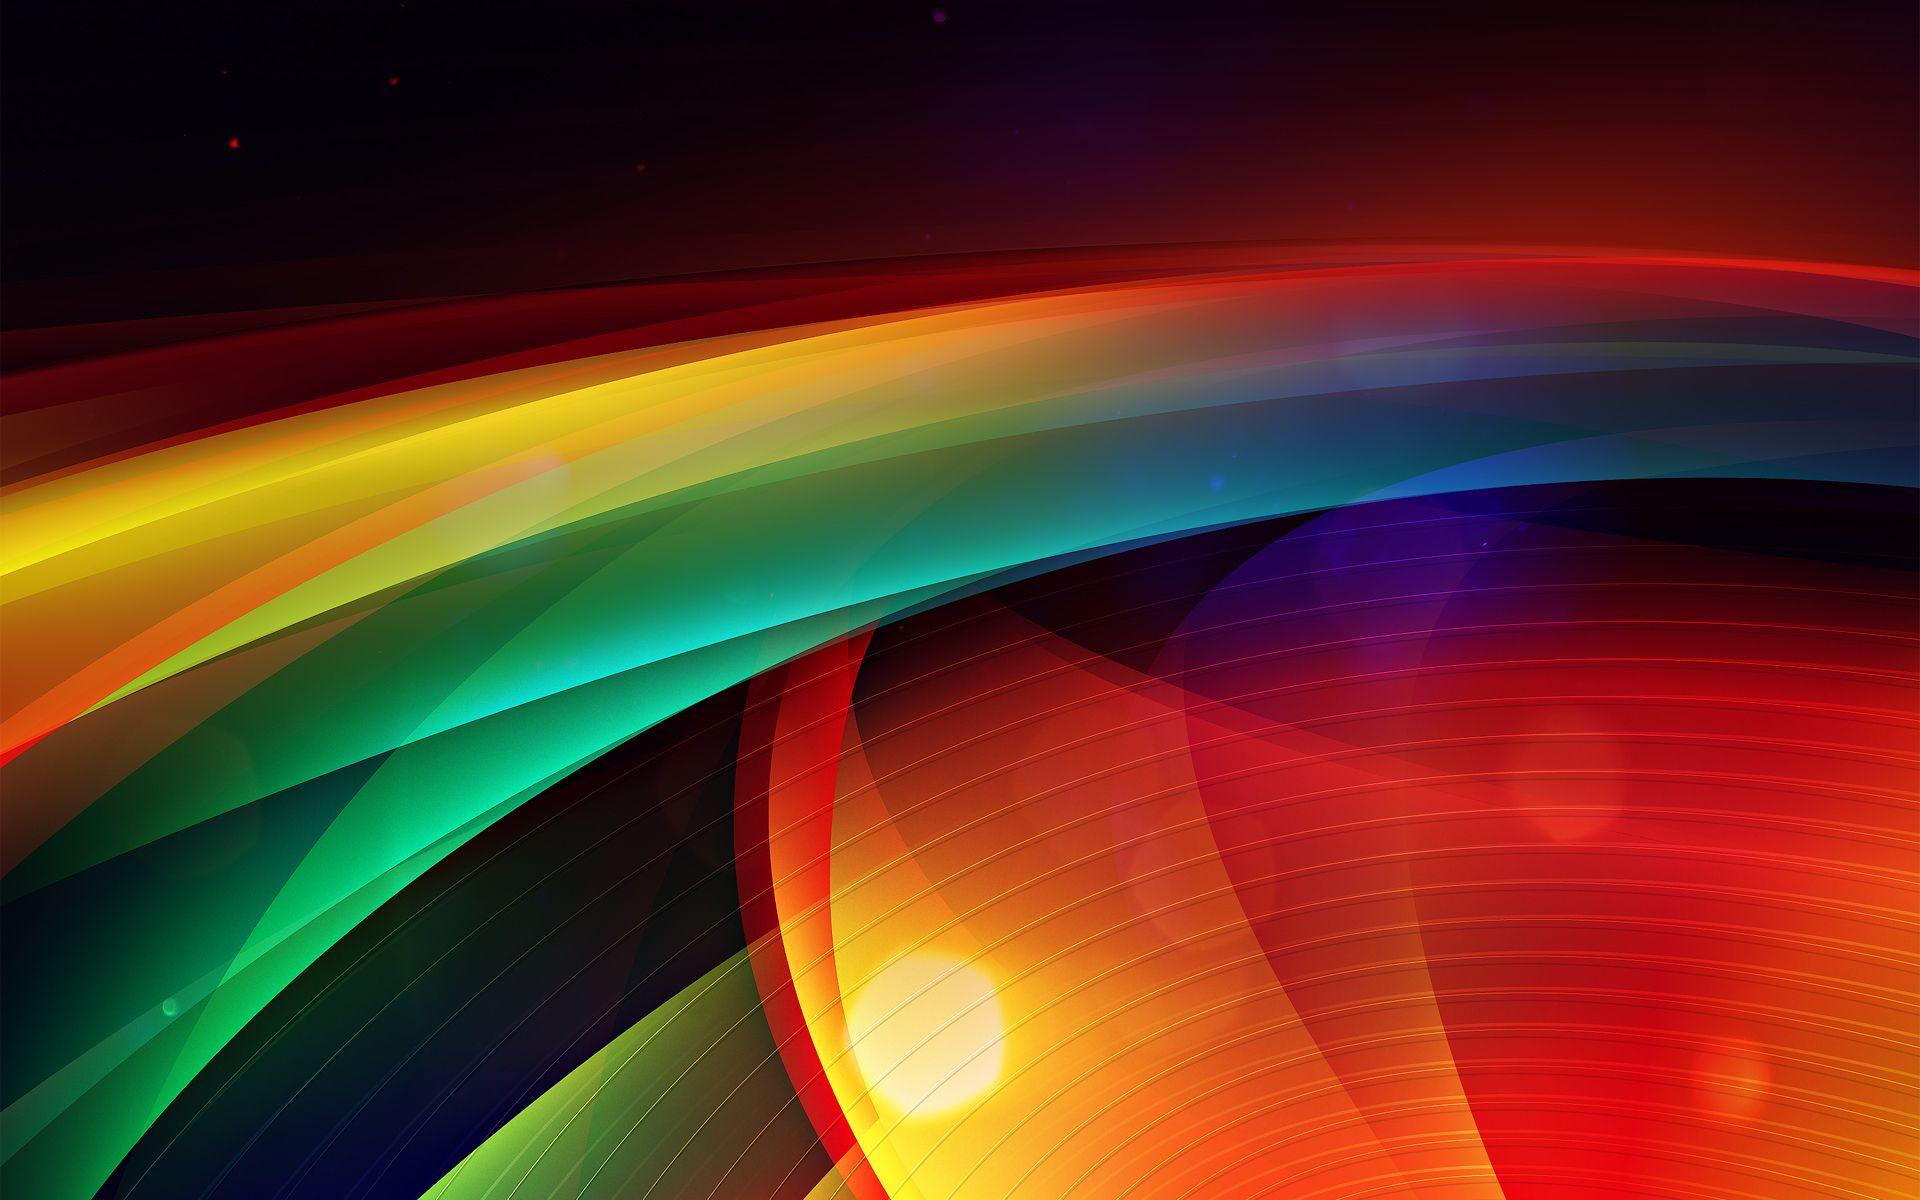 hd backgrounds 1080p HD 1080p Wallpaper Lights